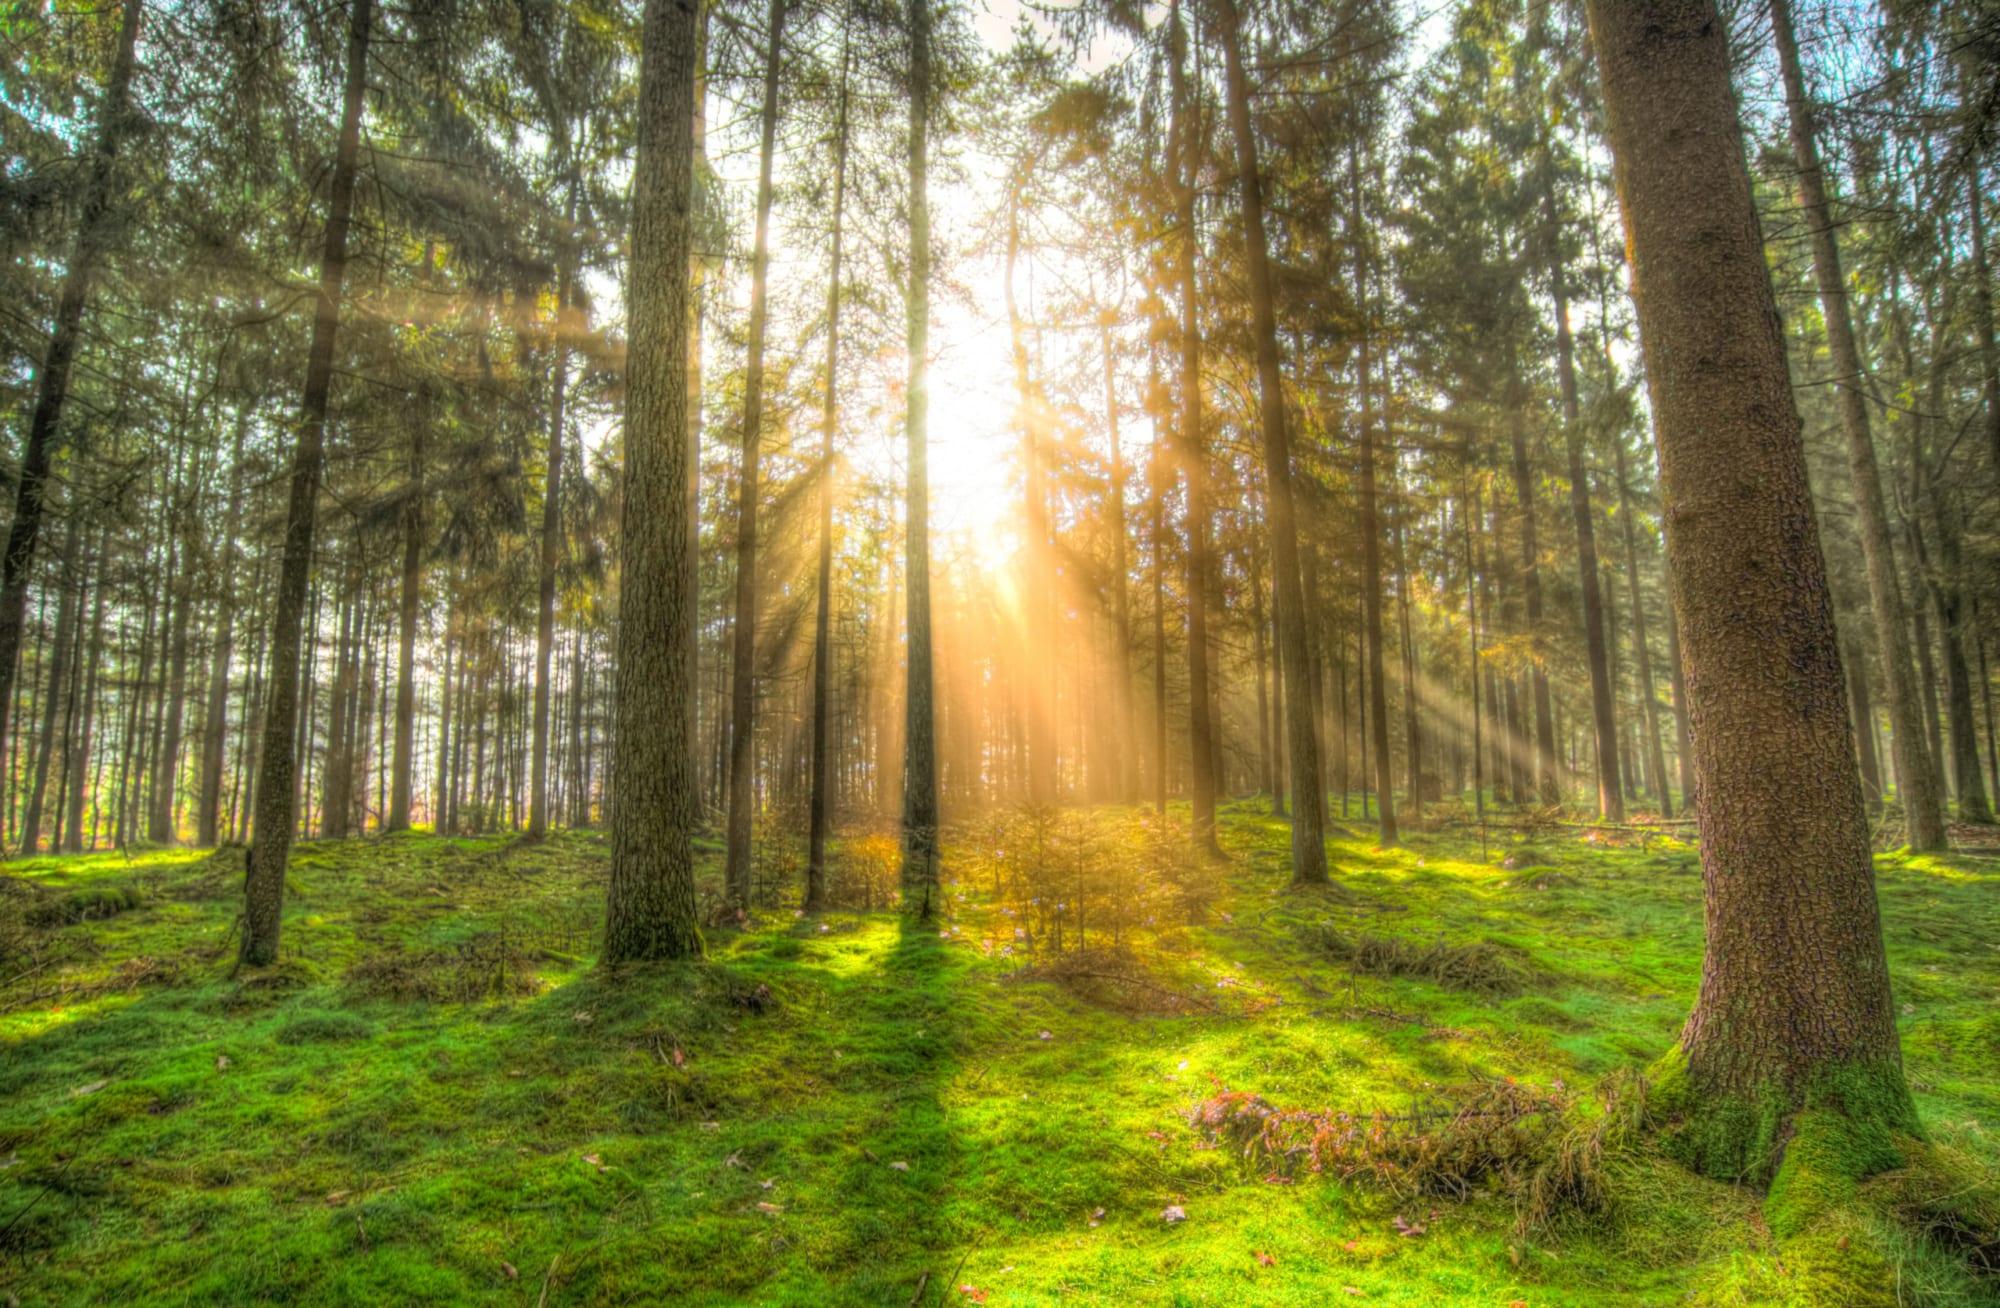 Tắm rừng - Liệu pháp giúp giải tỏa căng thẳng và lo âu của người Nhật